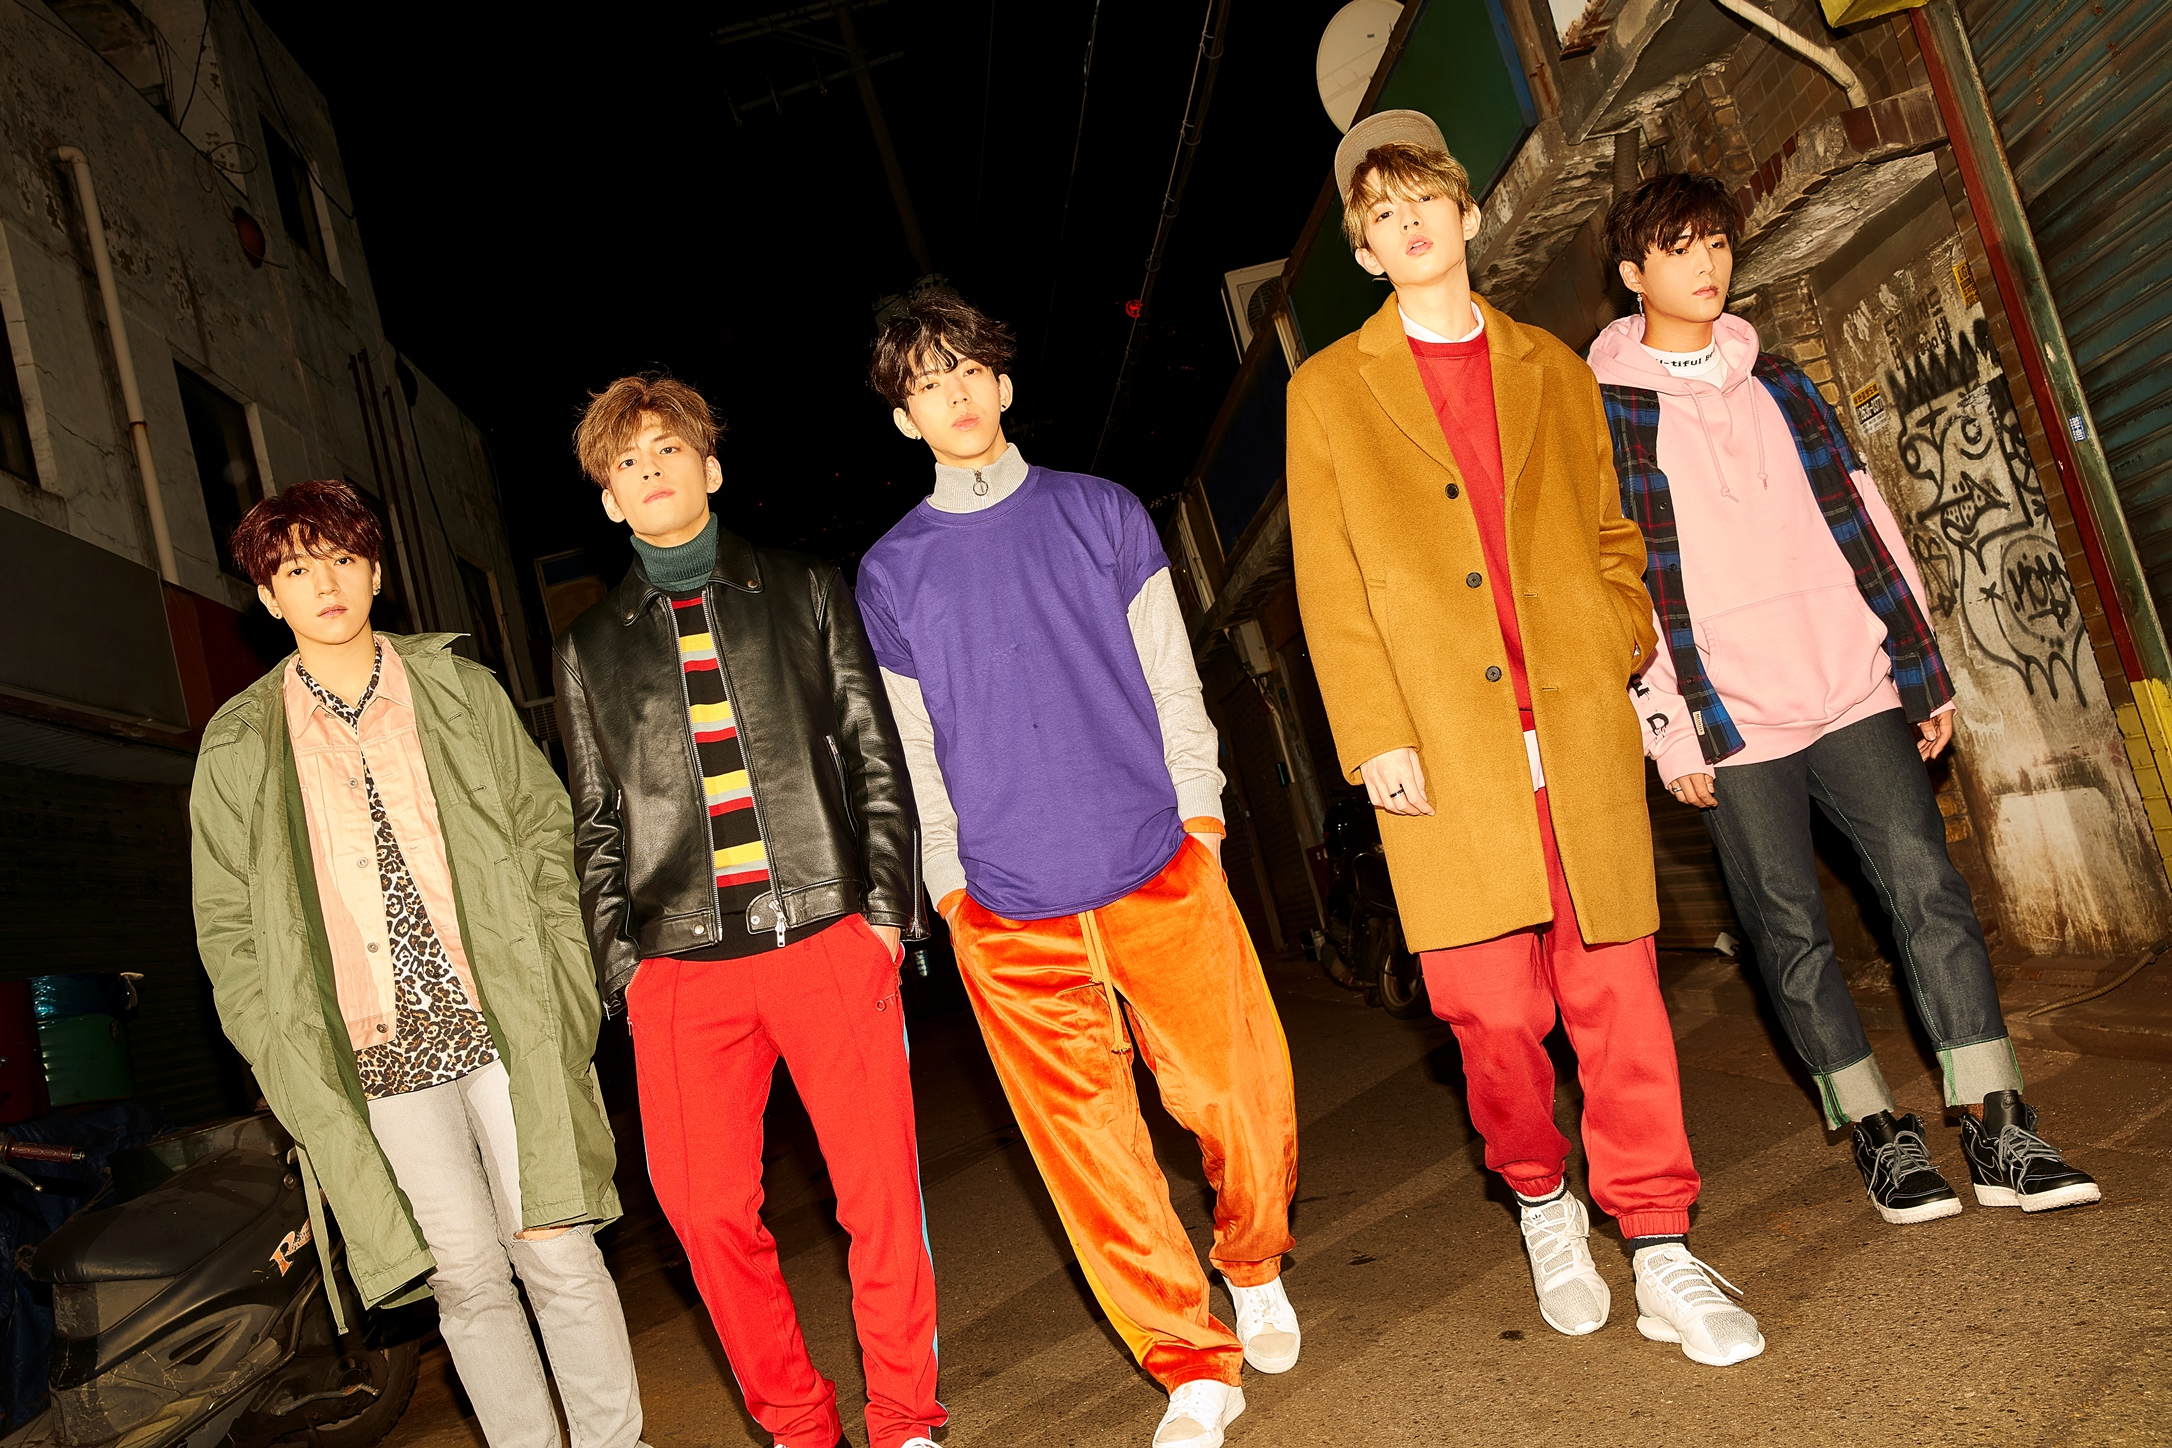 韩 魔性乐团DAY6第二张专辑《MOONRISE》3+15完整回归!